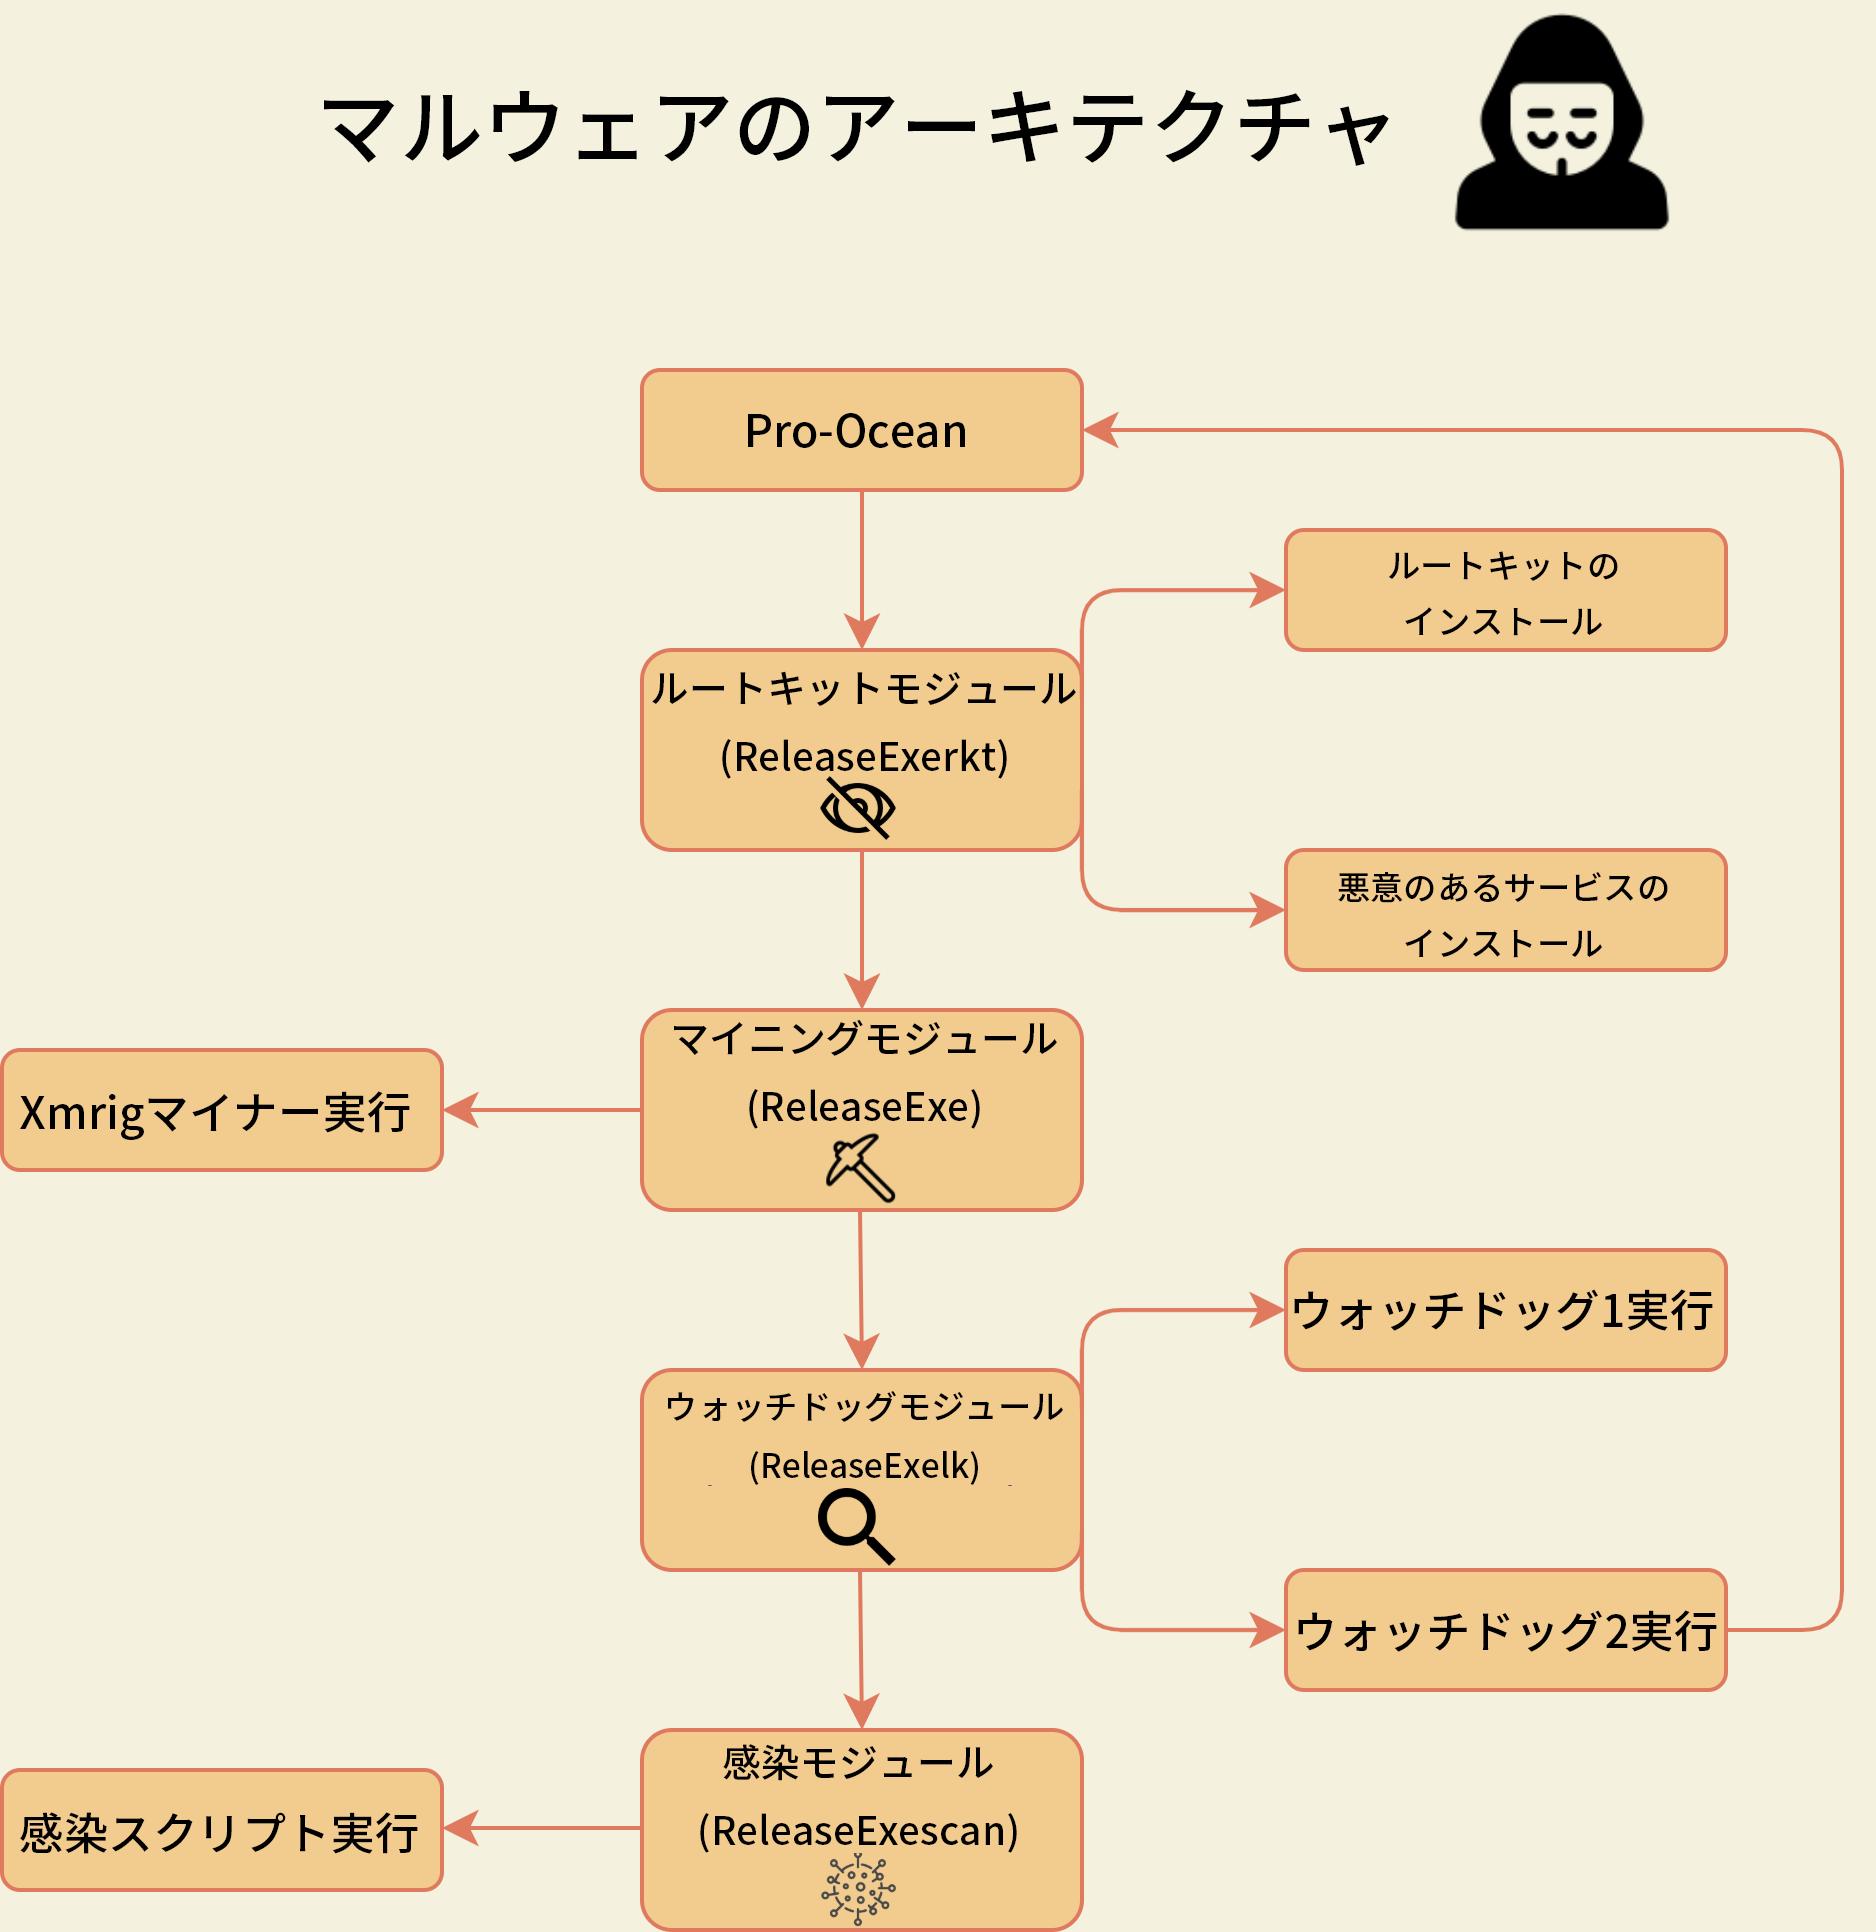 図3 マルウェア アーキテクチャ